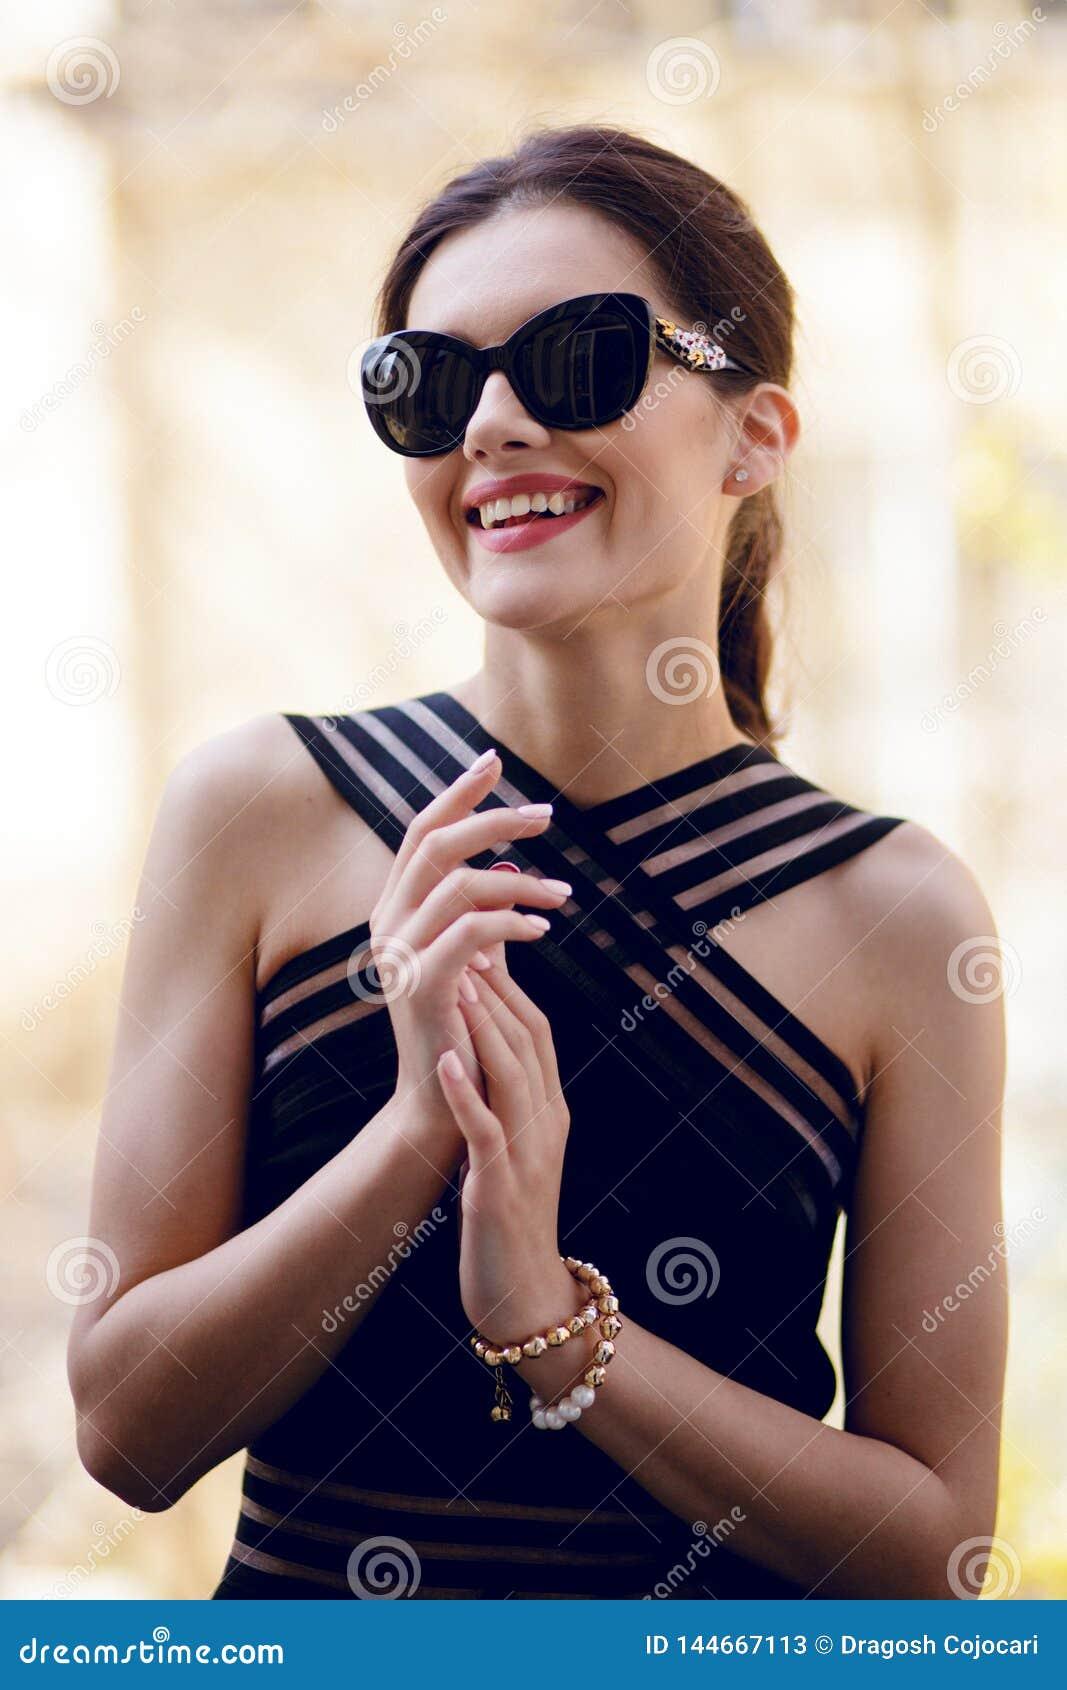 Trendig kvinna med sublimt från och att bära i en elegant svart klänning och sunglass, i dagen som poserar på balkong